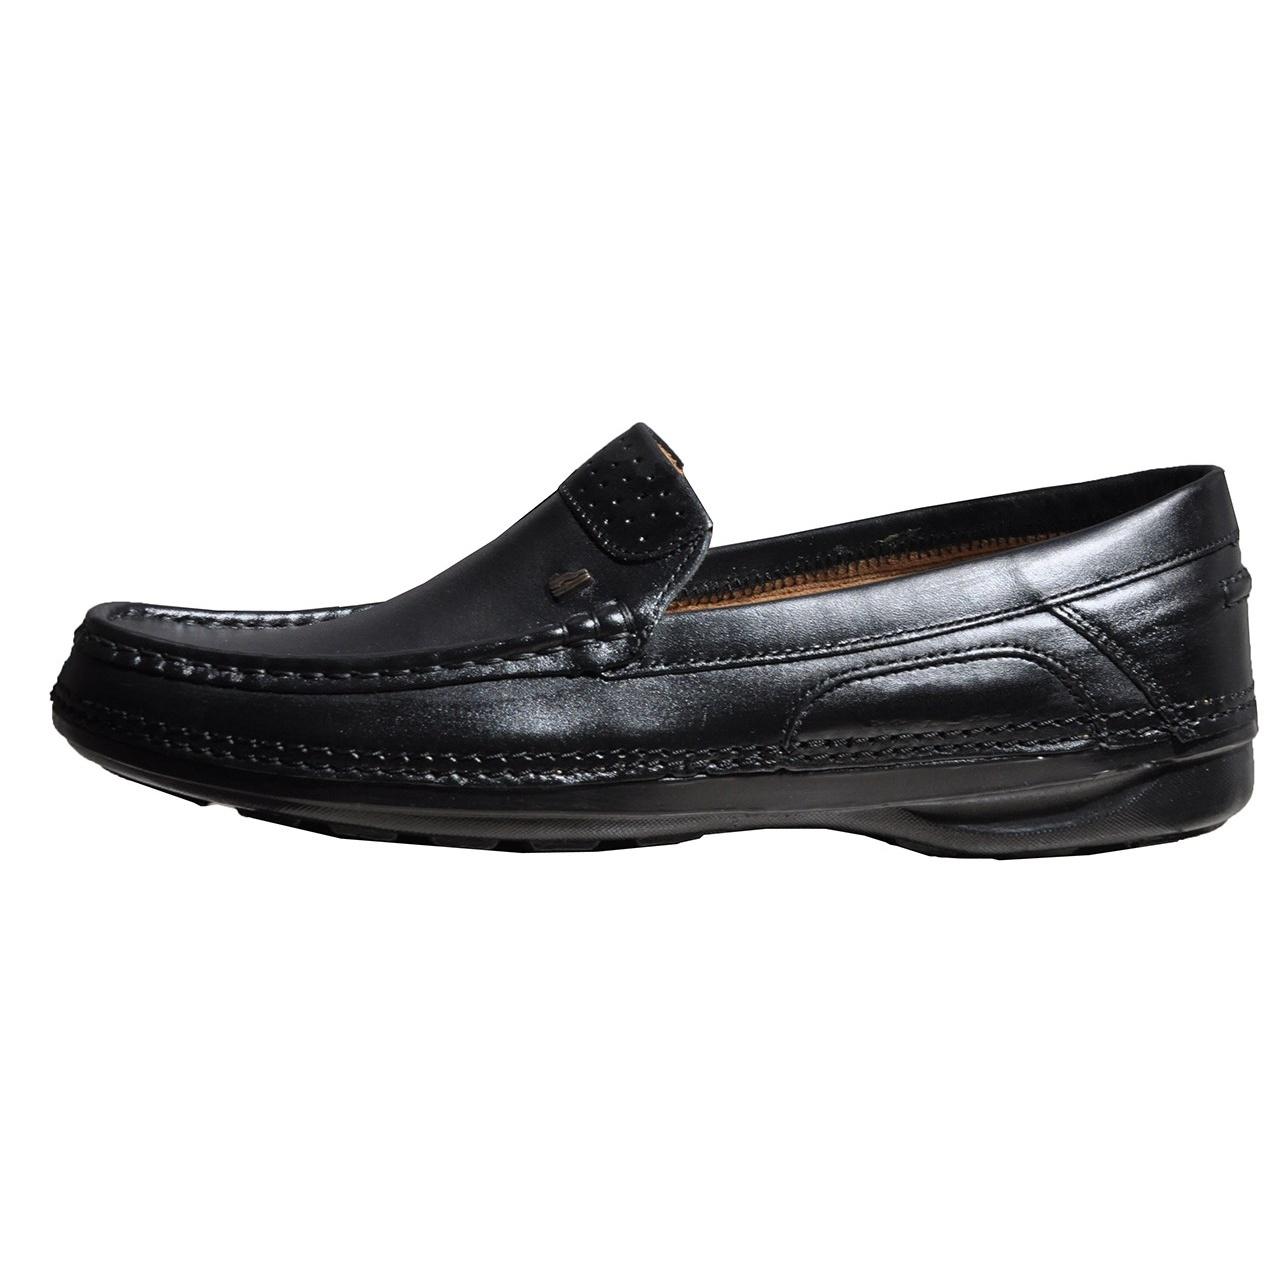 کفش مردانه مهاجر مدل M34m